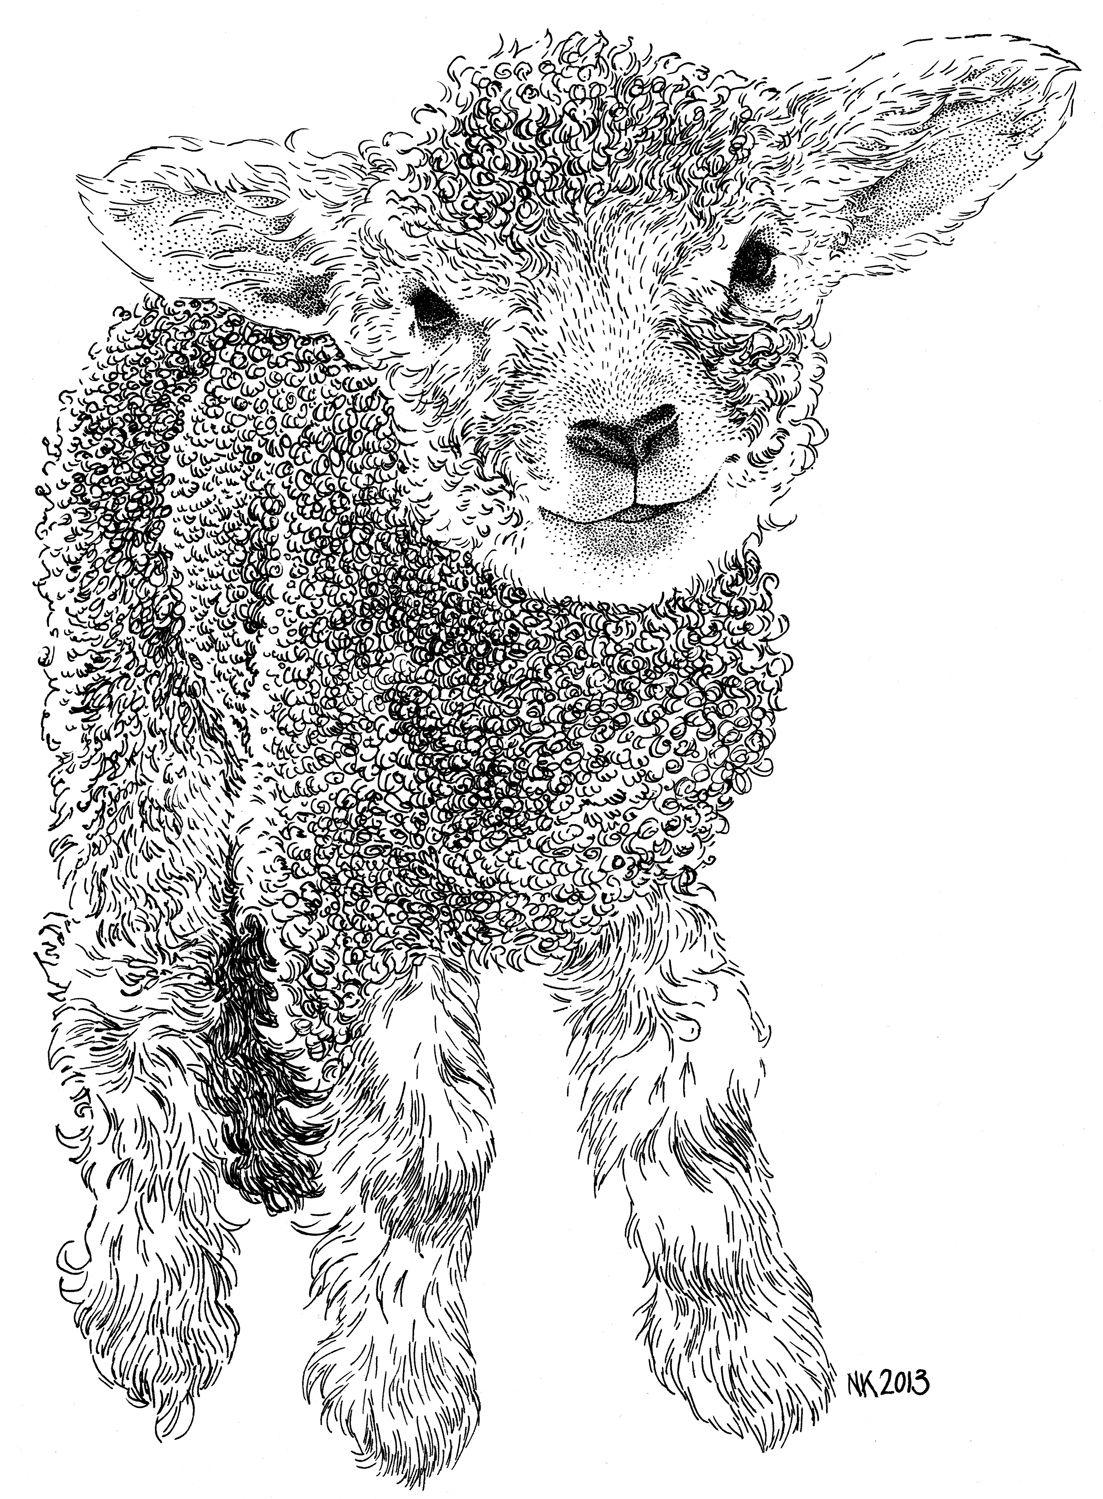 Lammetje - Lamb | Digis and templates | Pinterest | Lambs, Drawings ...